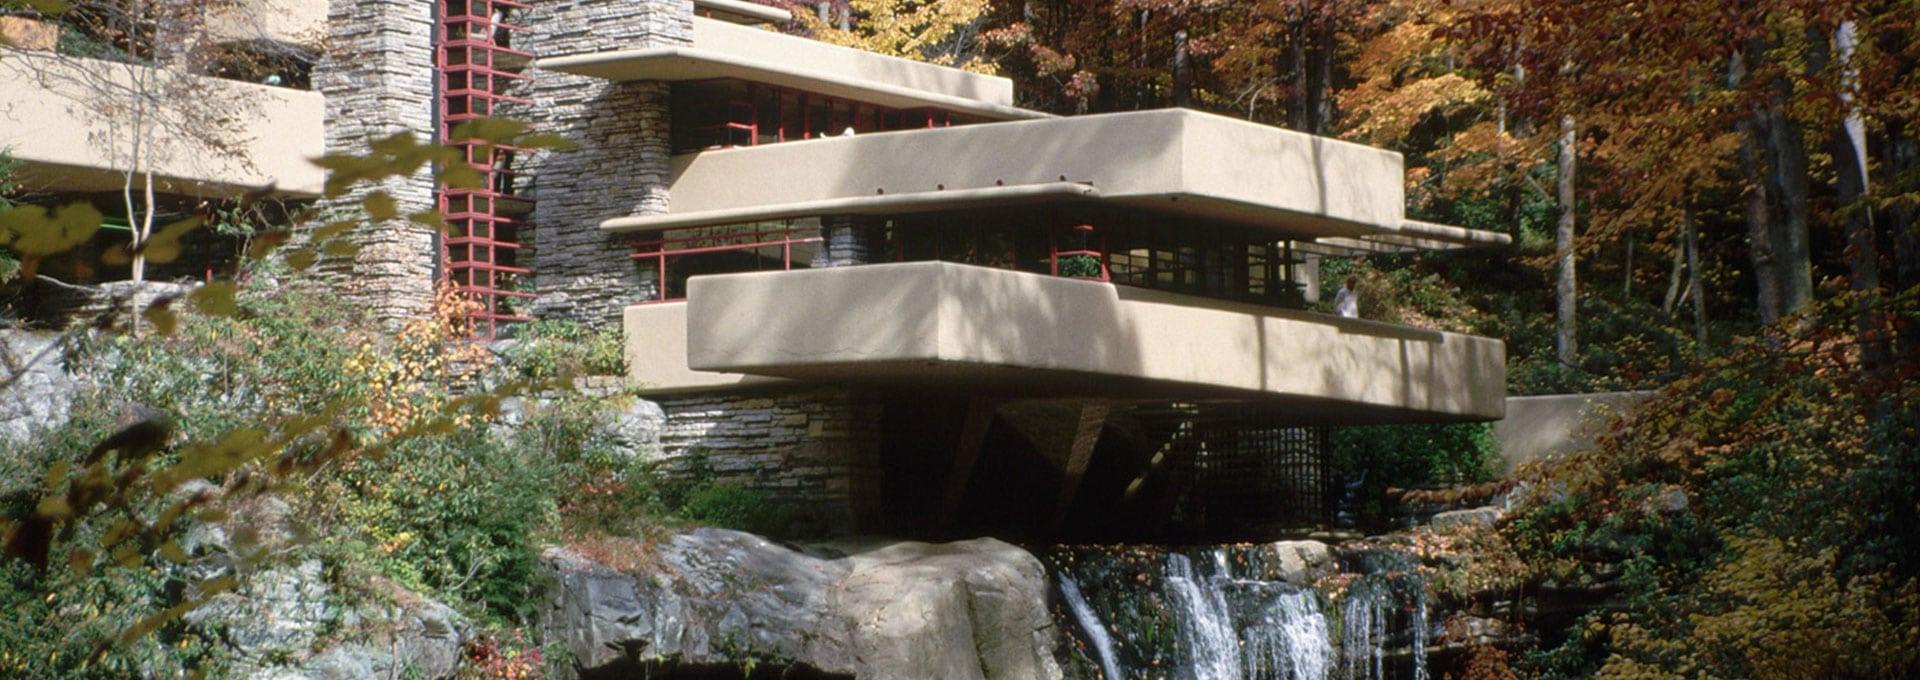 La Casa sulla Cascata – Il bello di un'Architettura Organica